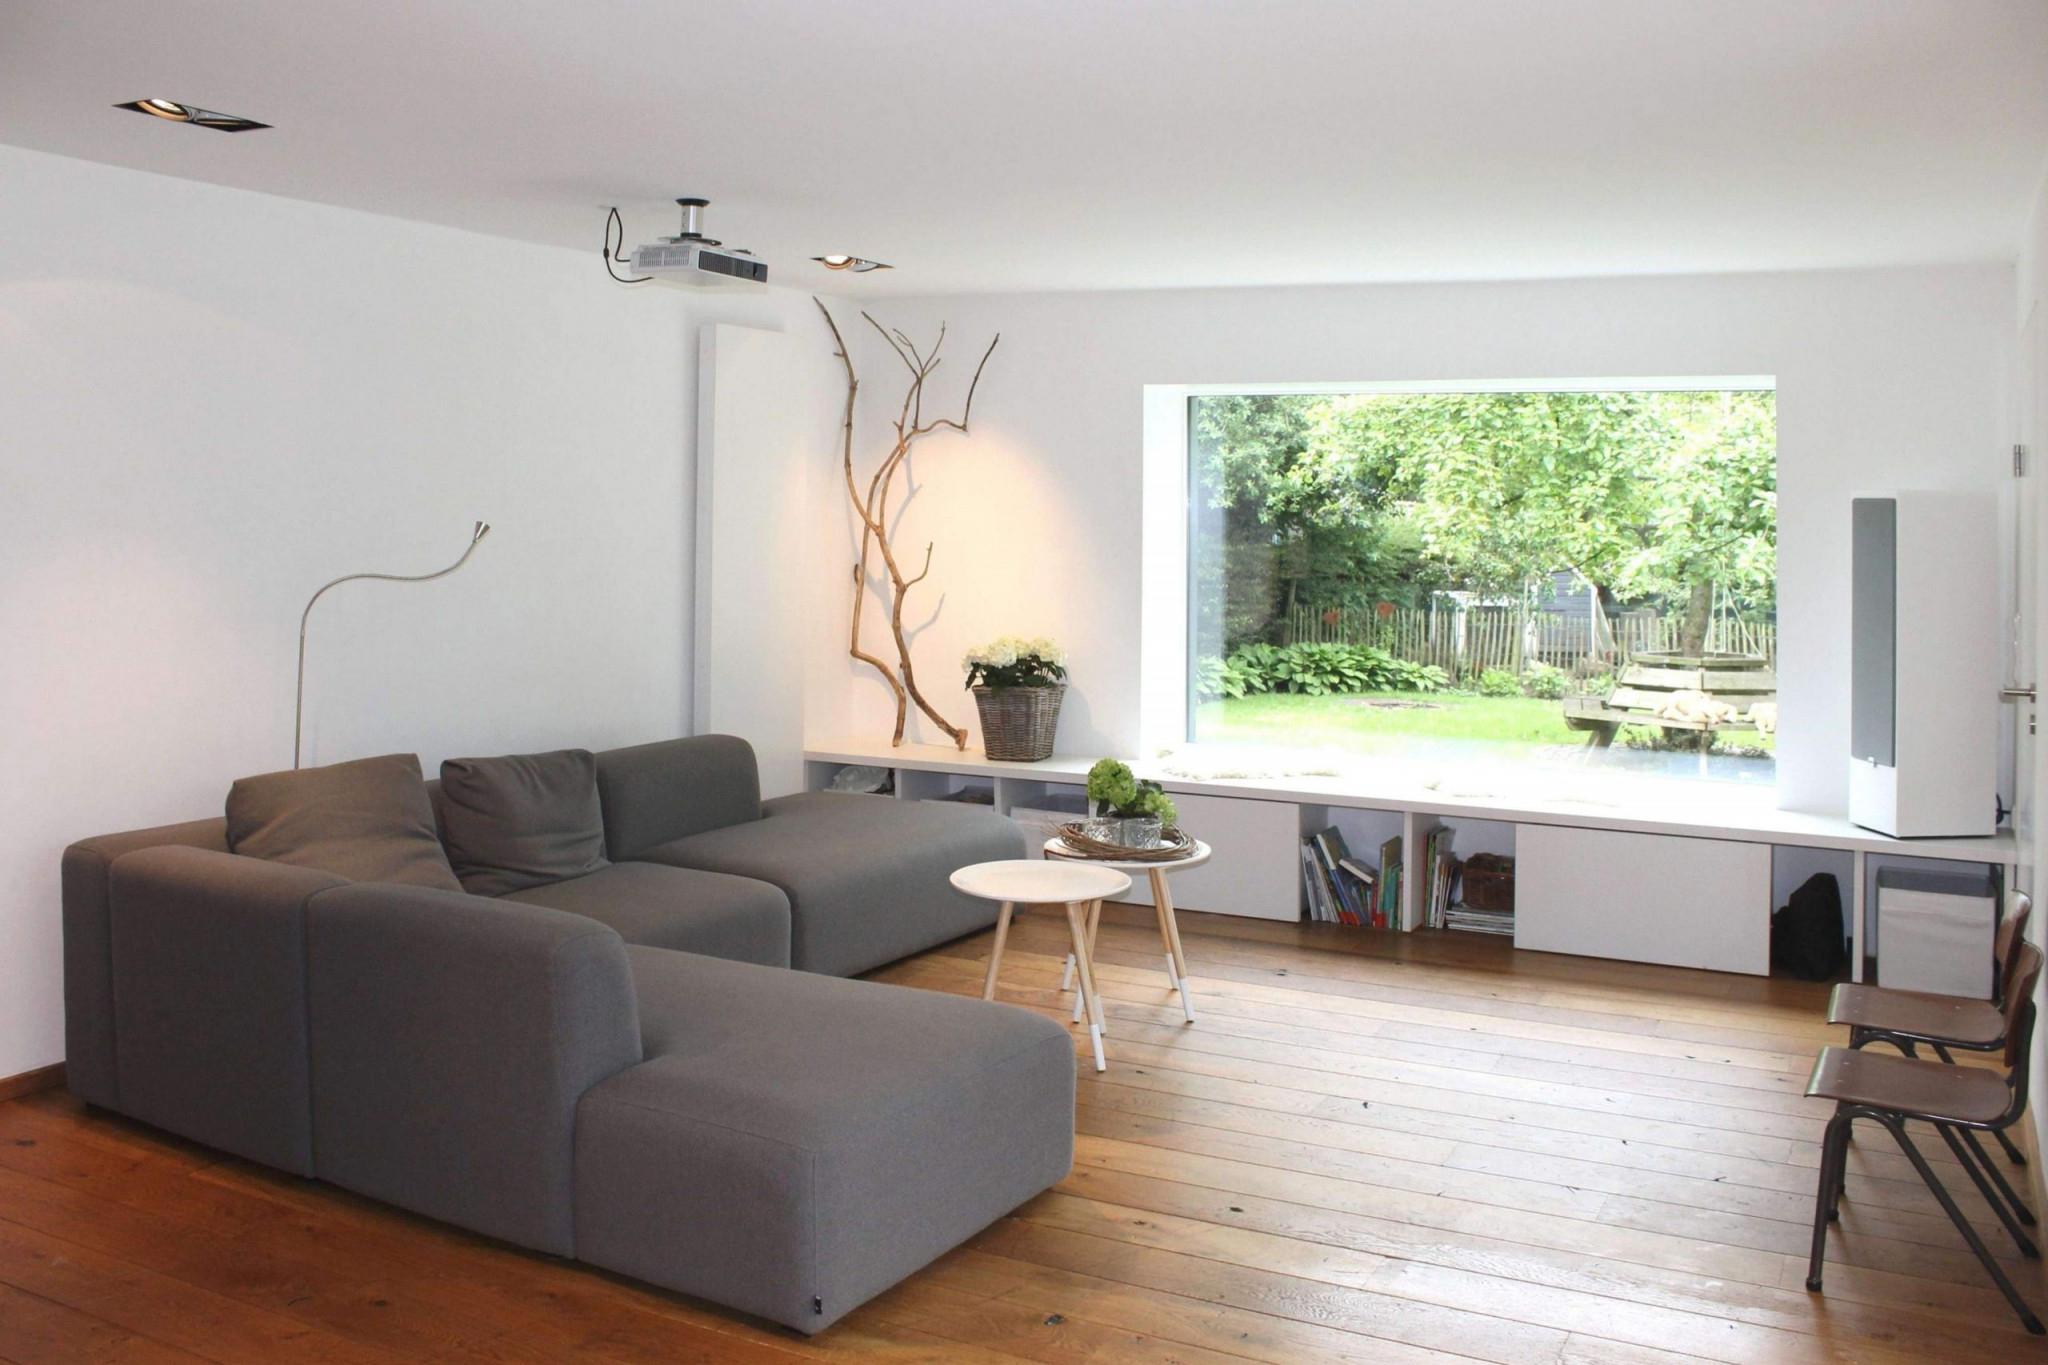 33 Einzigartig Wohnzimmer Mediterran Neu  Wohnzimmer Frisch von Wohnzimmer Gardinen Mediterran Bild